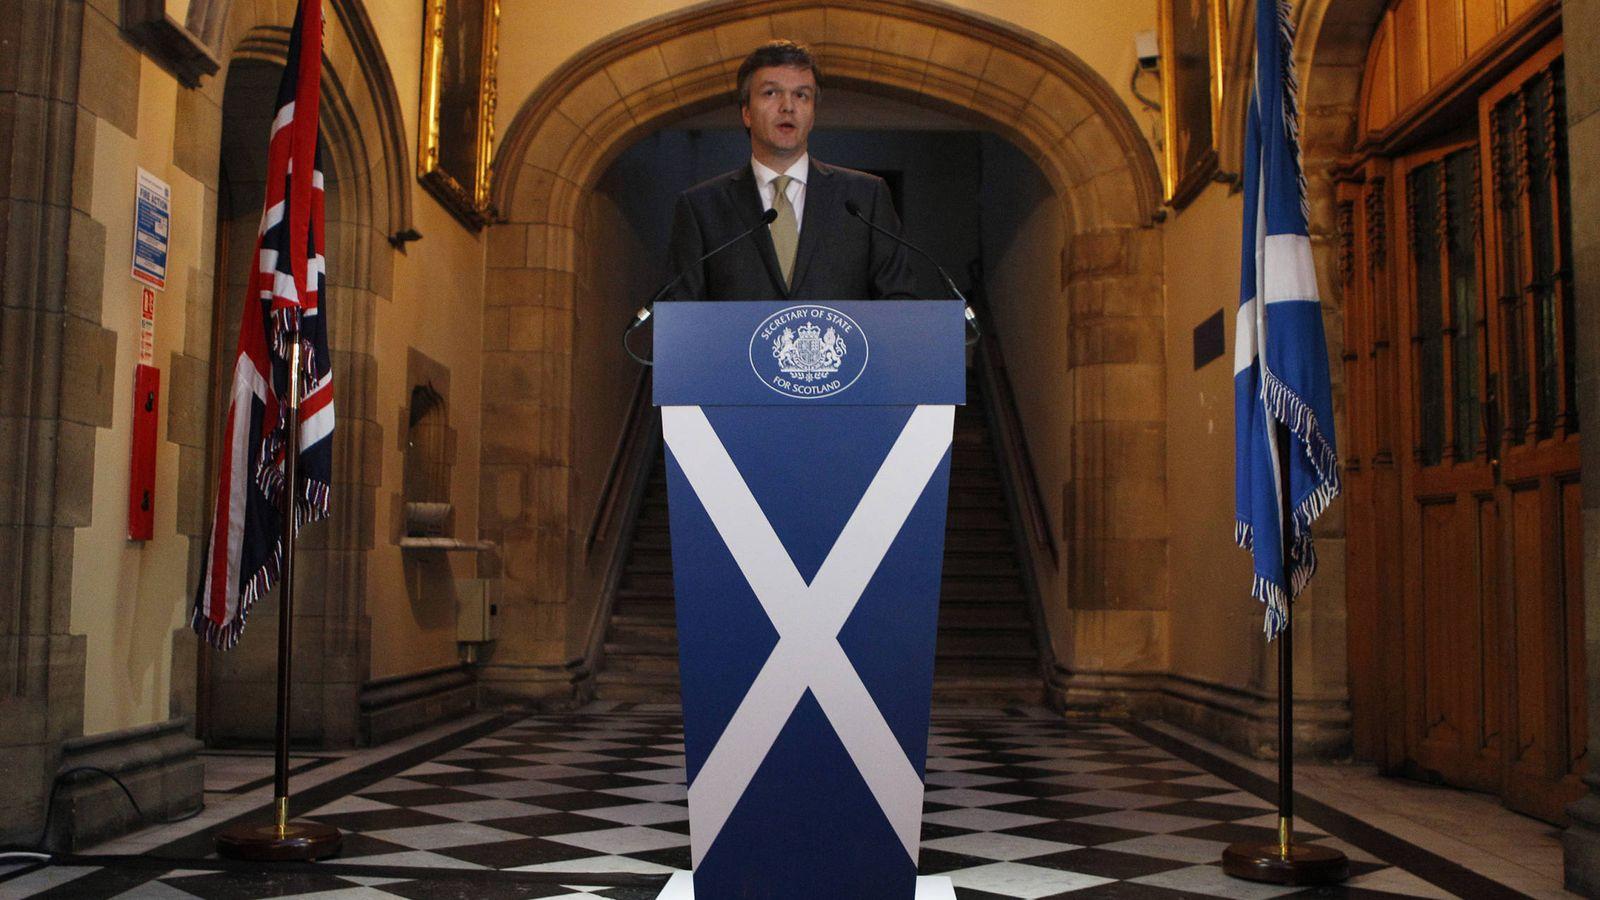 Foto: El ministro de Reino Unido para Escocia durante el referéndum de 2014, el liberal Michael Moore. (Reuters)